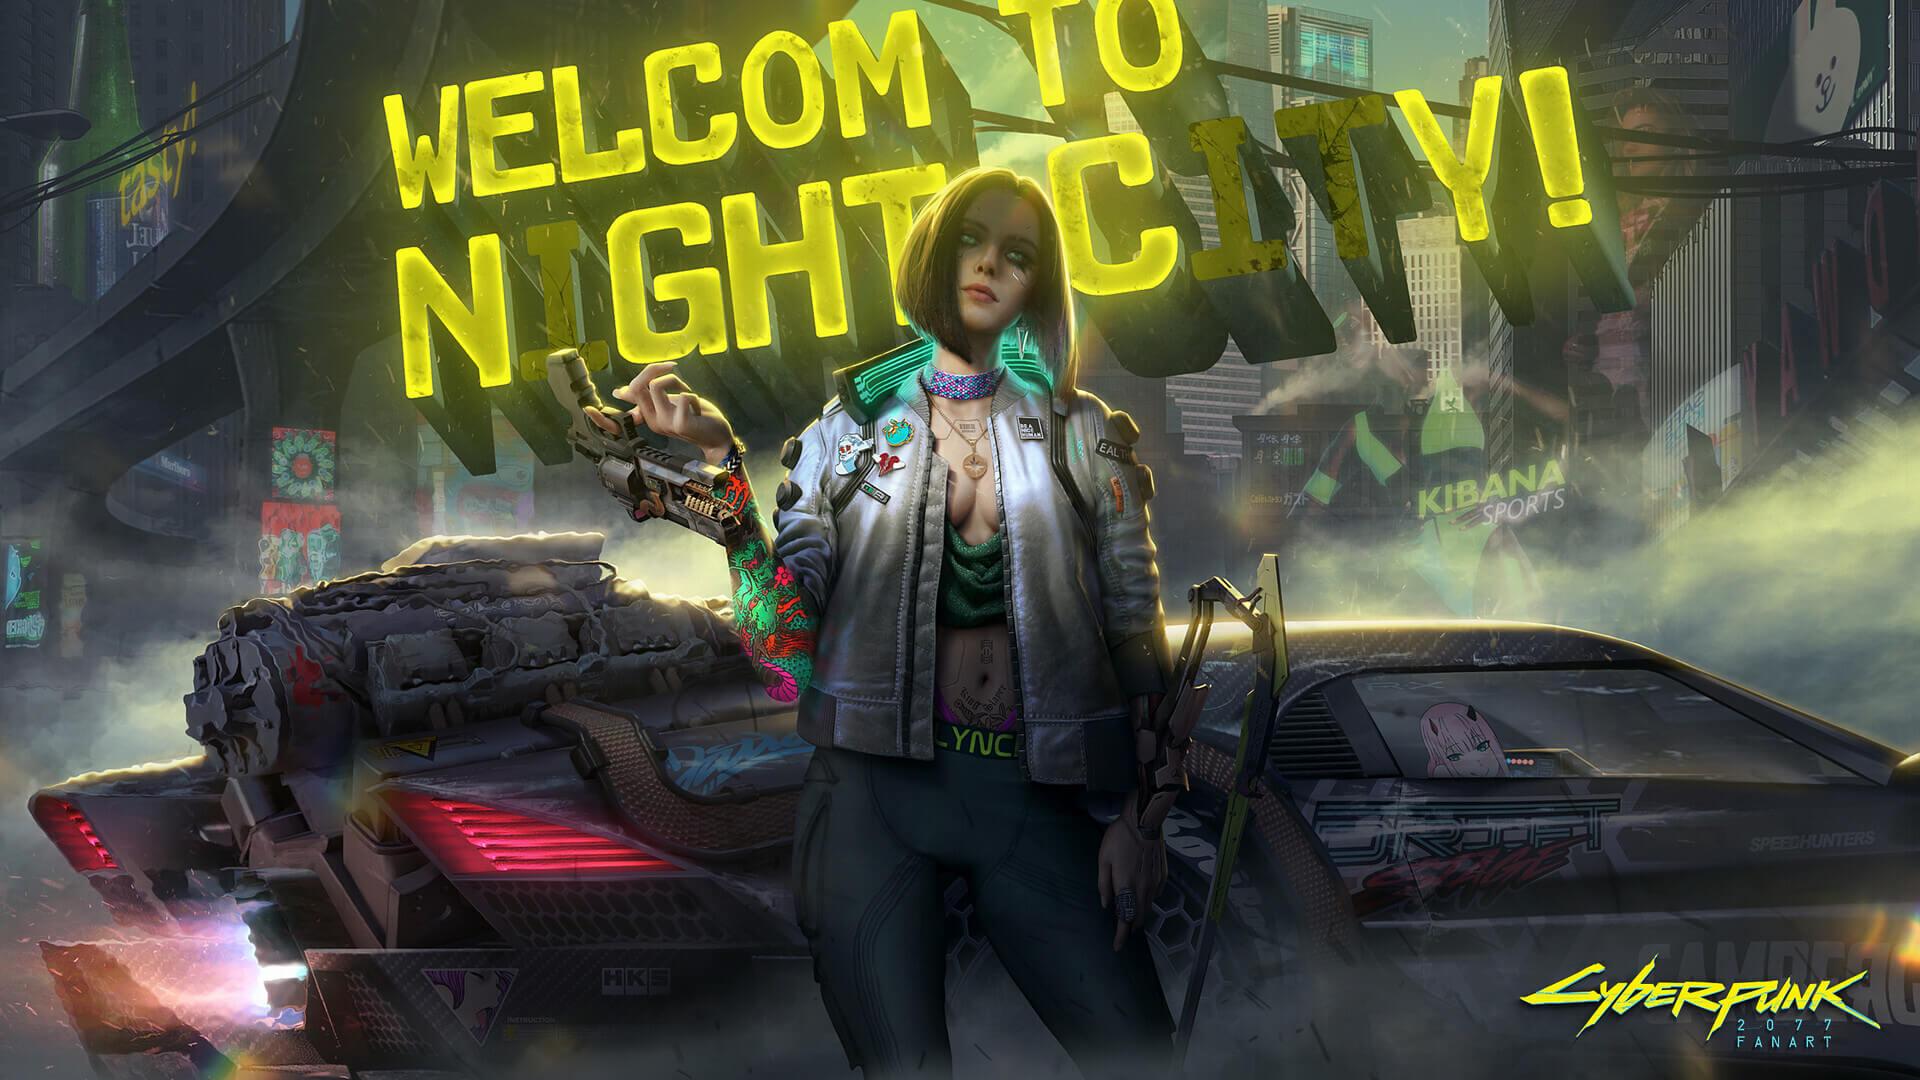 RX – Cyberpunk 2077 Fanart